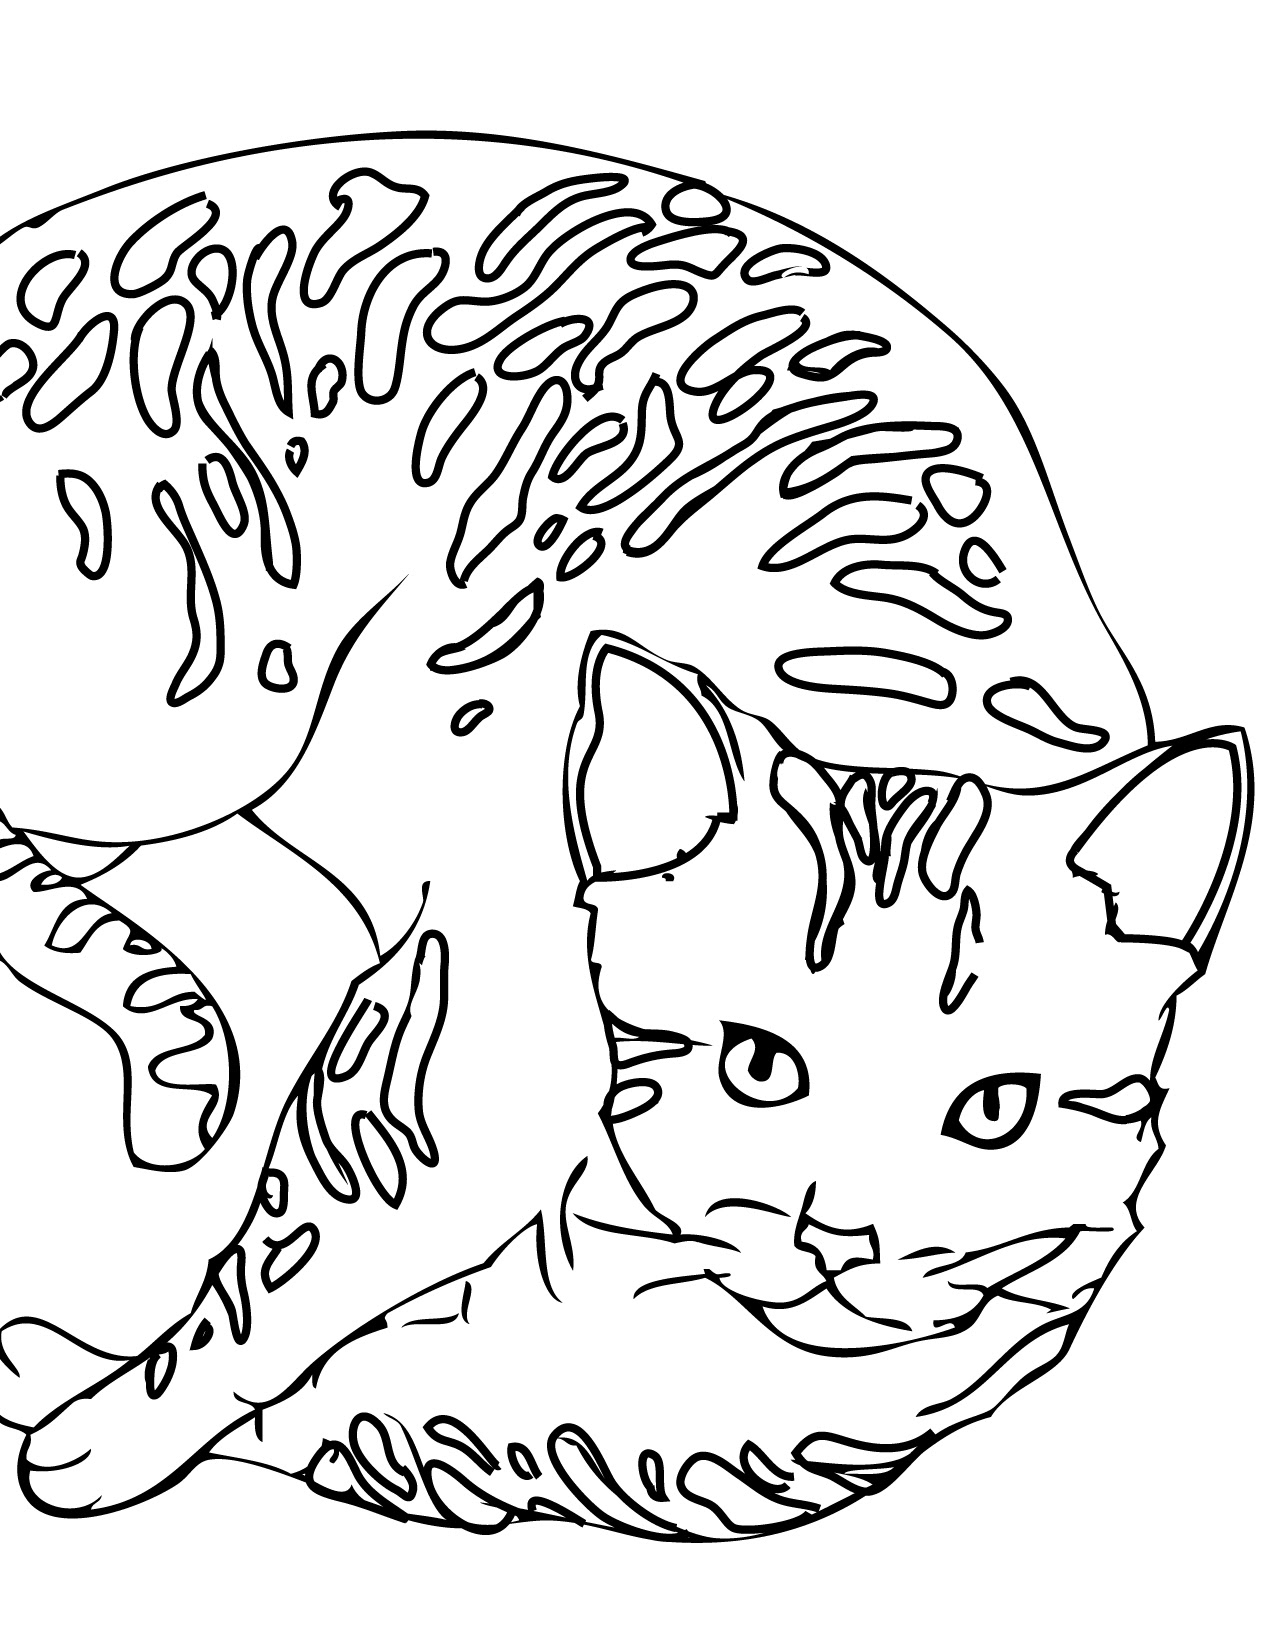 Imágenes De Gatos Para Colorear Dibujos De